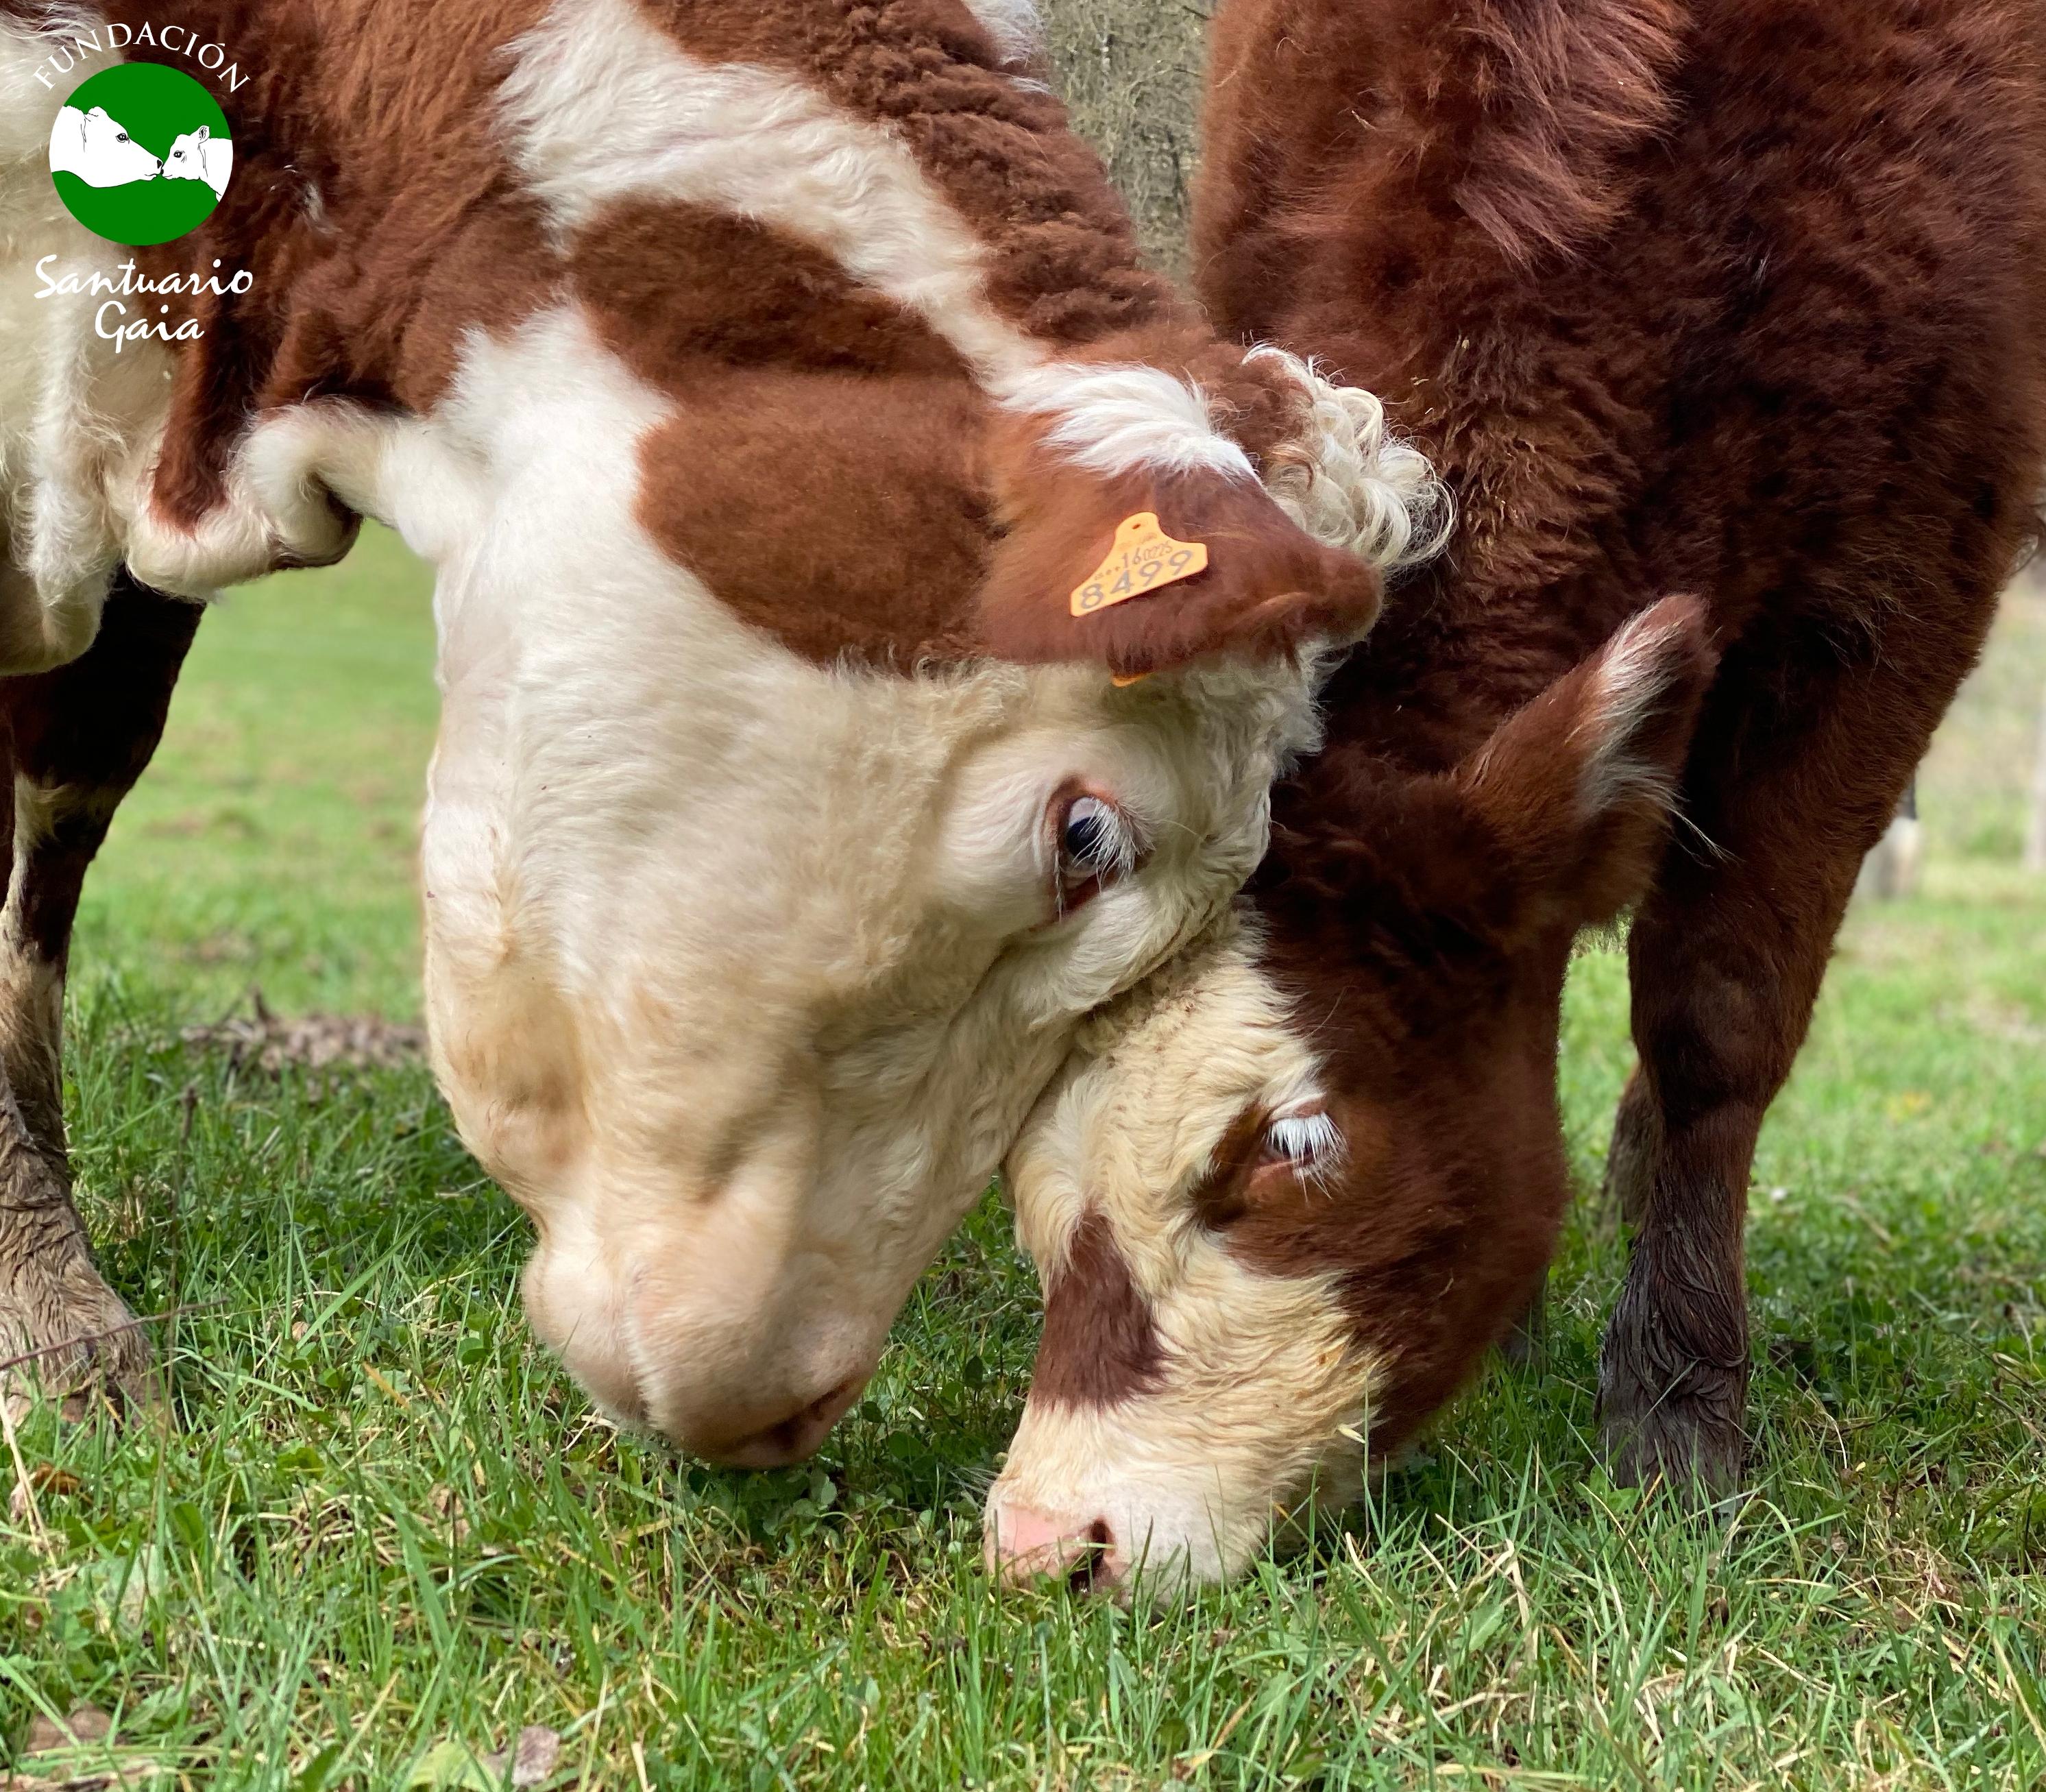 La vaca Ramona y su hija Zuriñe rescatadas por el refugio de animales Santuario Gaia situado en Camprodon